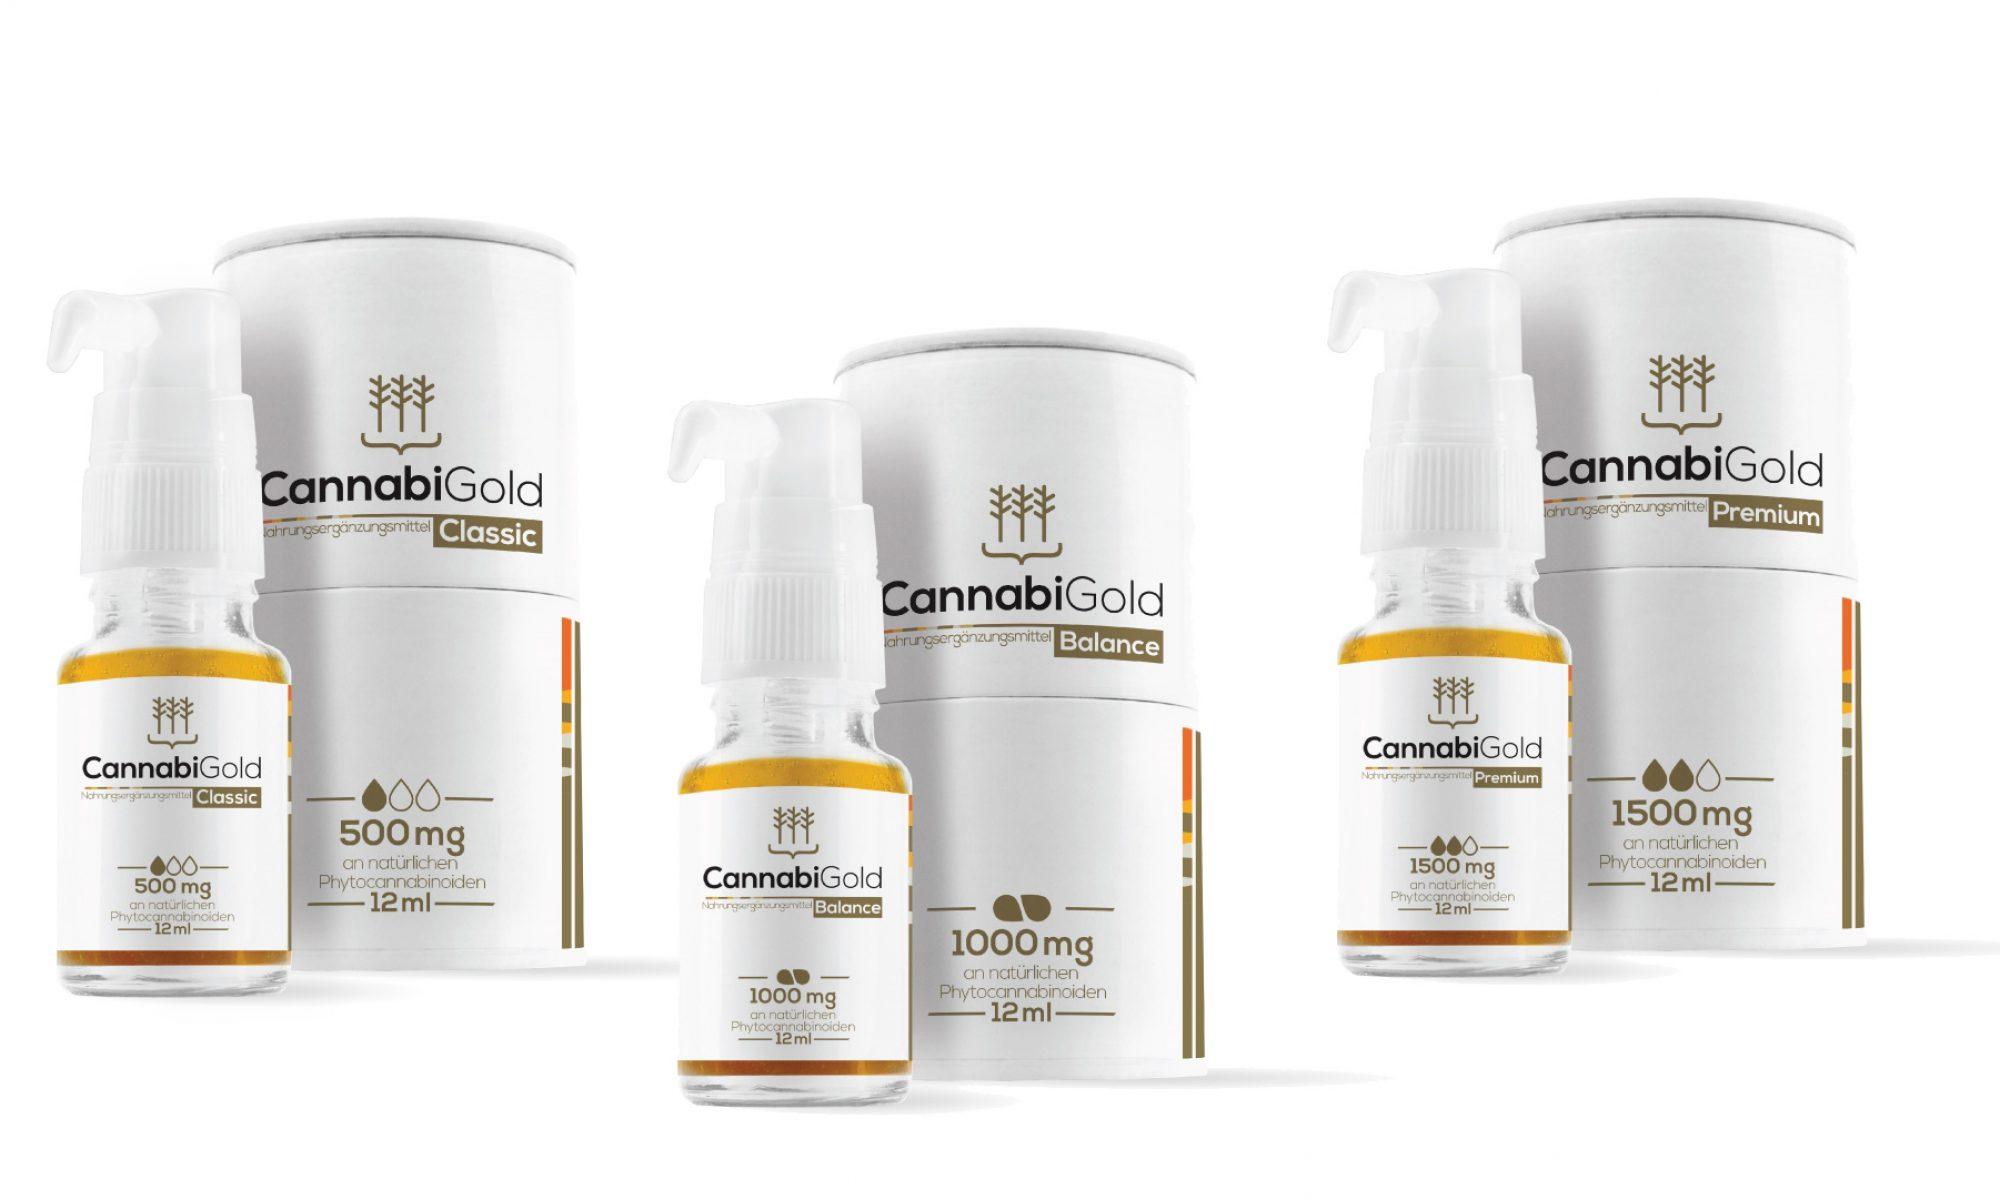 Cannabi Gold